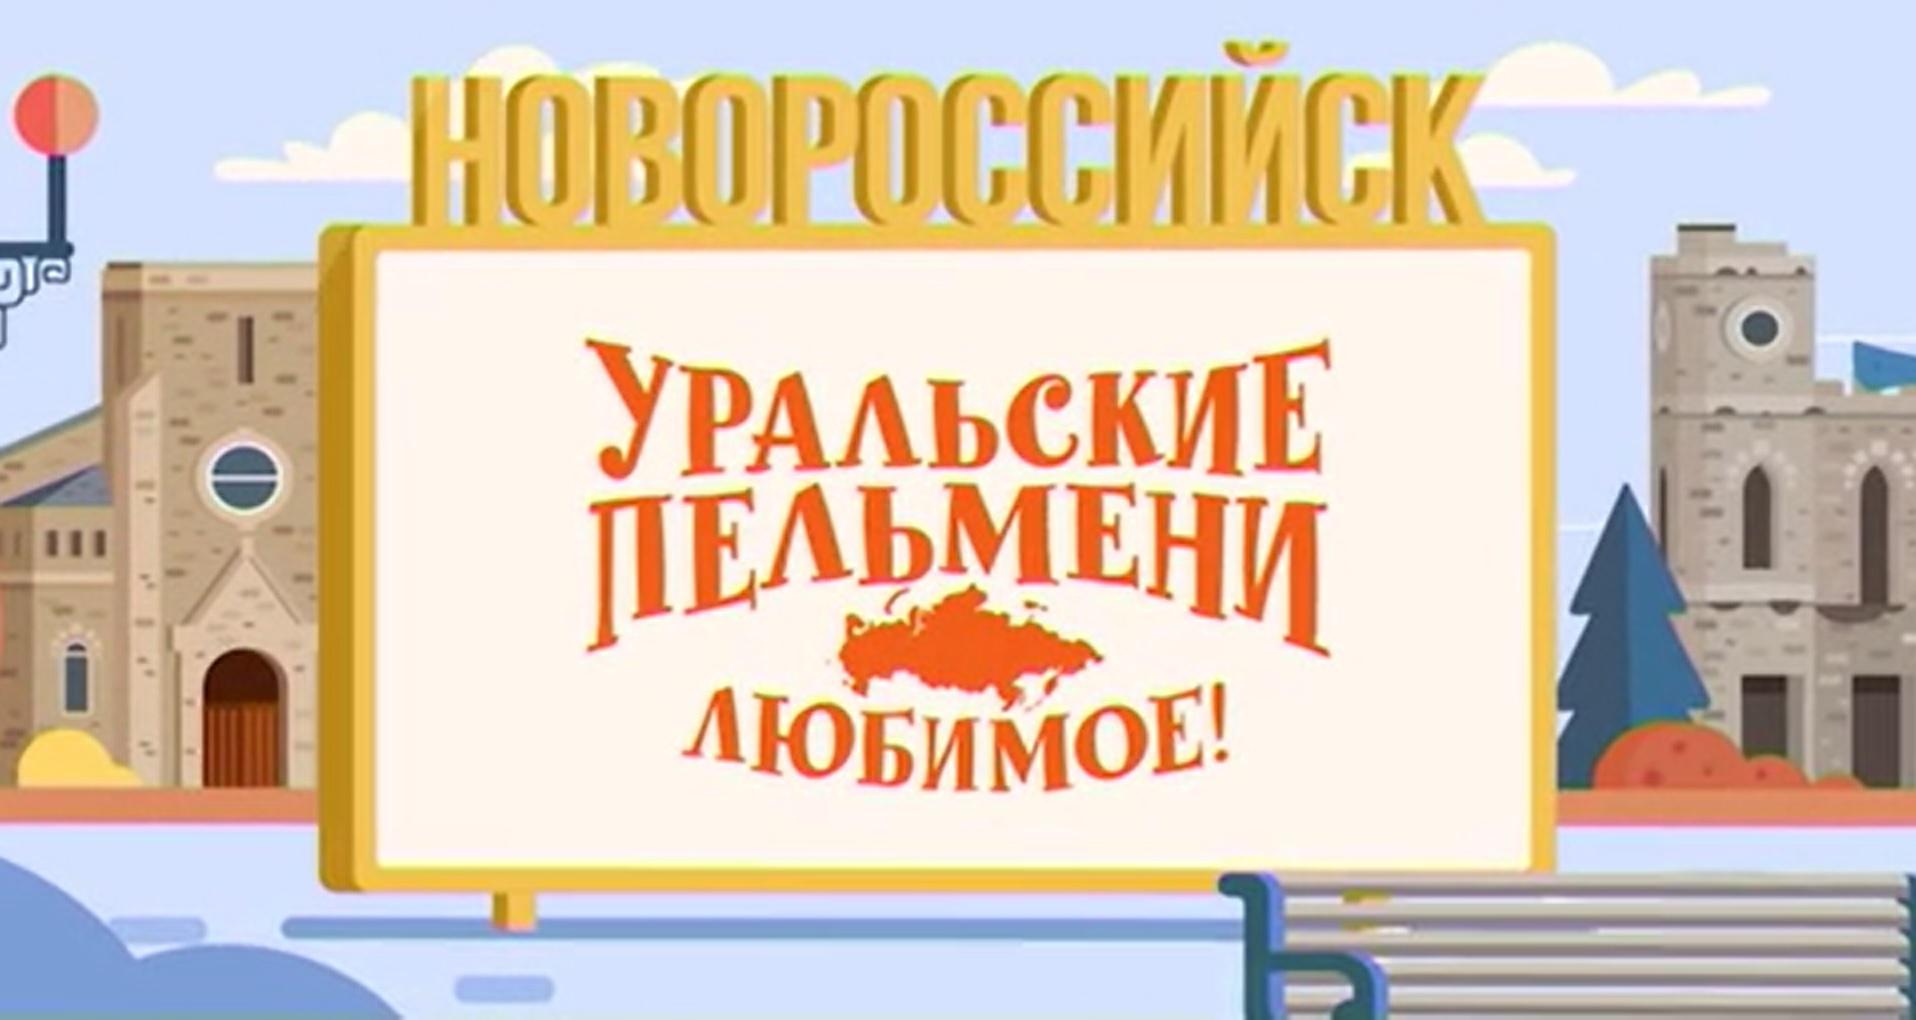 Уральские пельмени. Любимое. Новоросийск